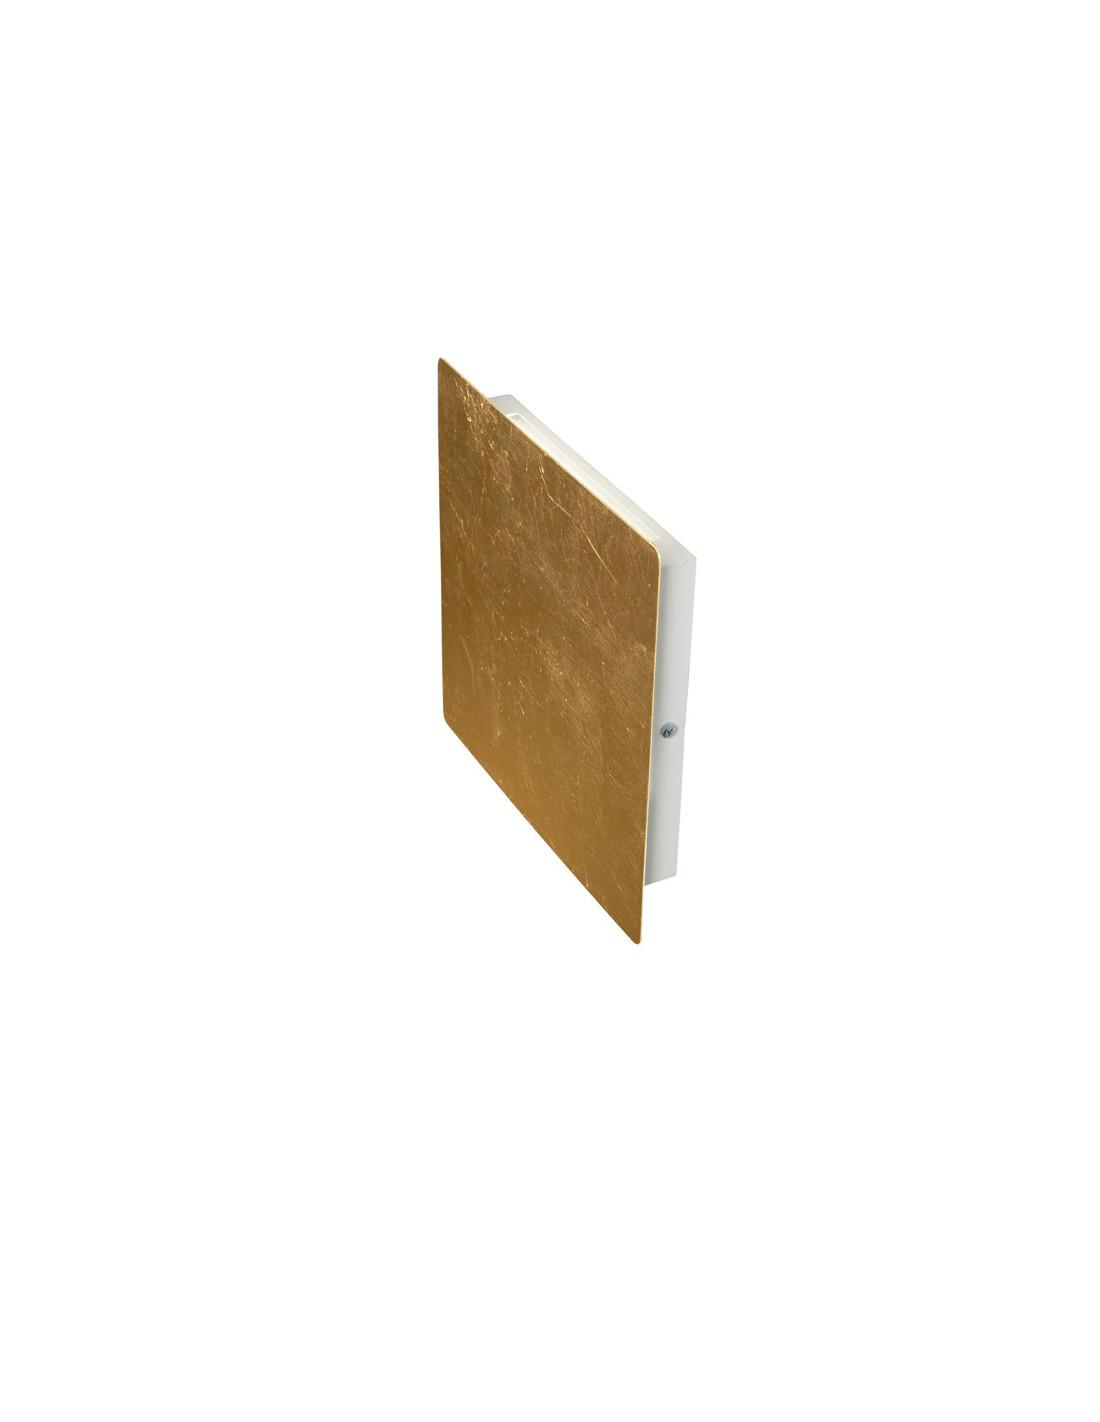 Biluce mattonella applique led 15w quadrata biemissione colore oro